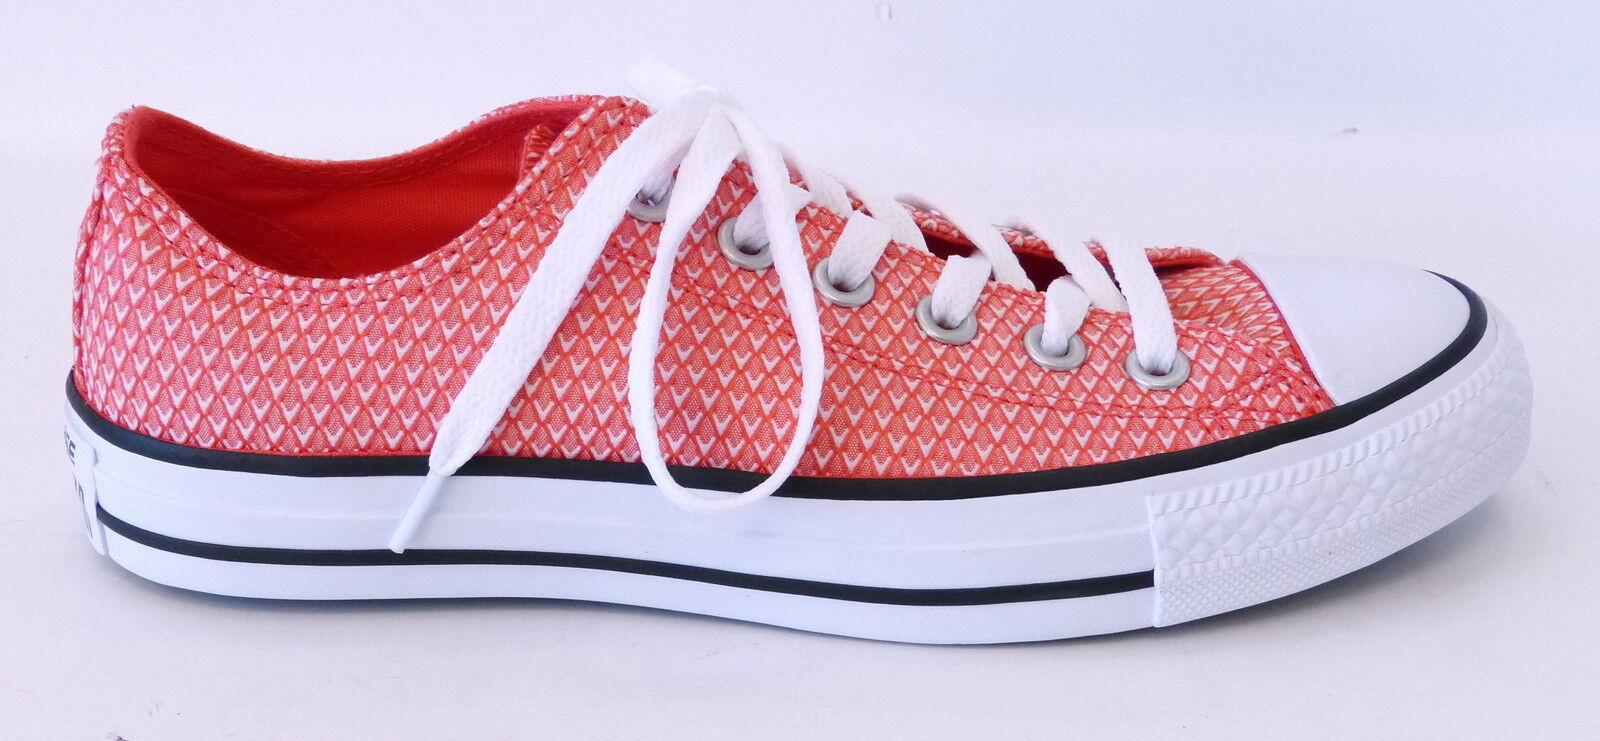 Descuento de la marca Descuento por tiempo limitado Converse Leinen Canvas ultra red dot rot Sneaker 555855 Chucks ox Schnürung